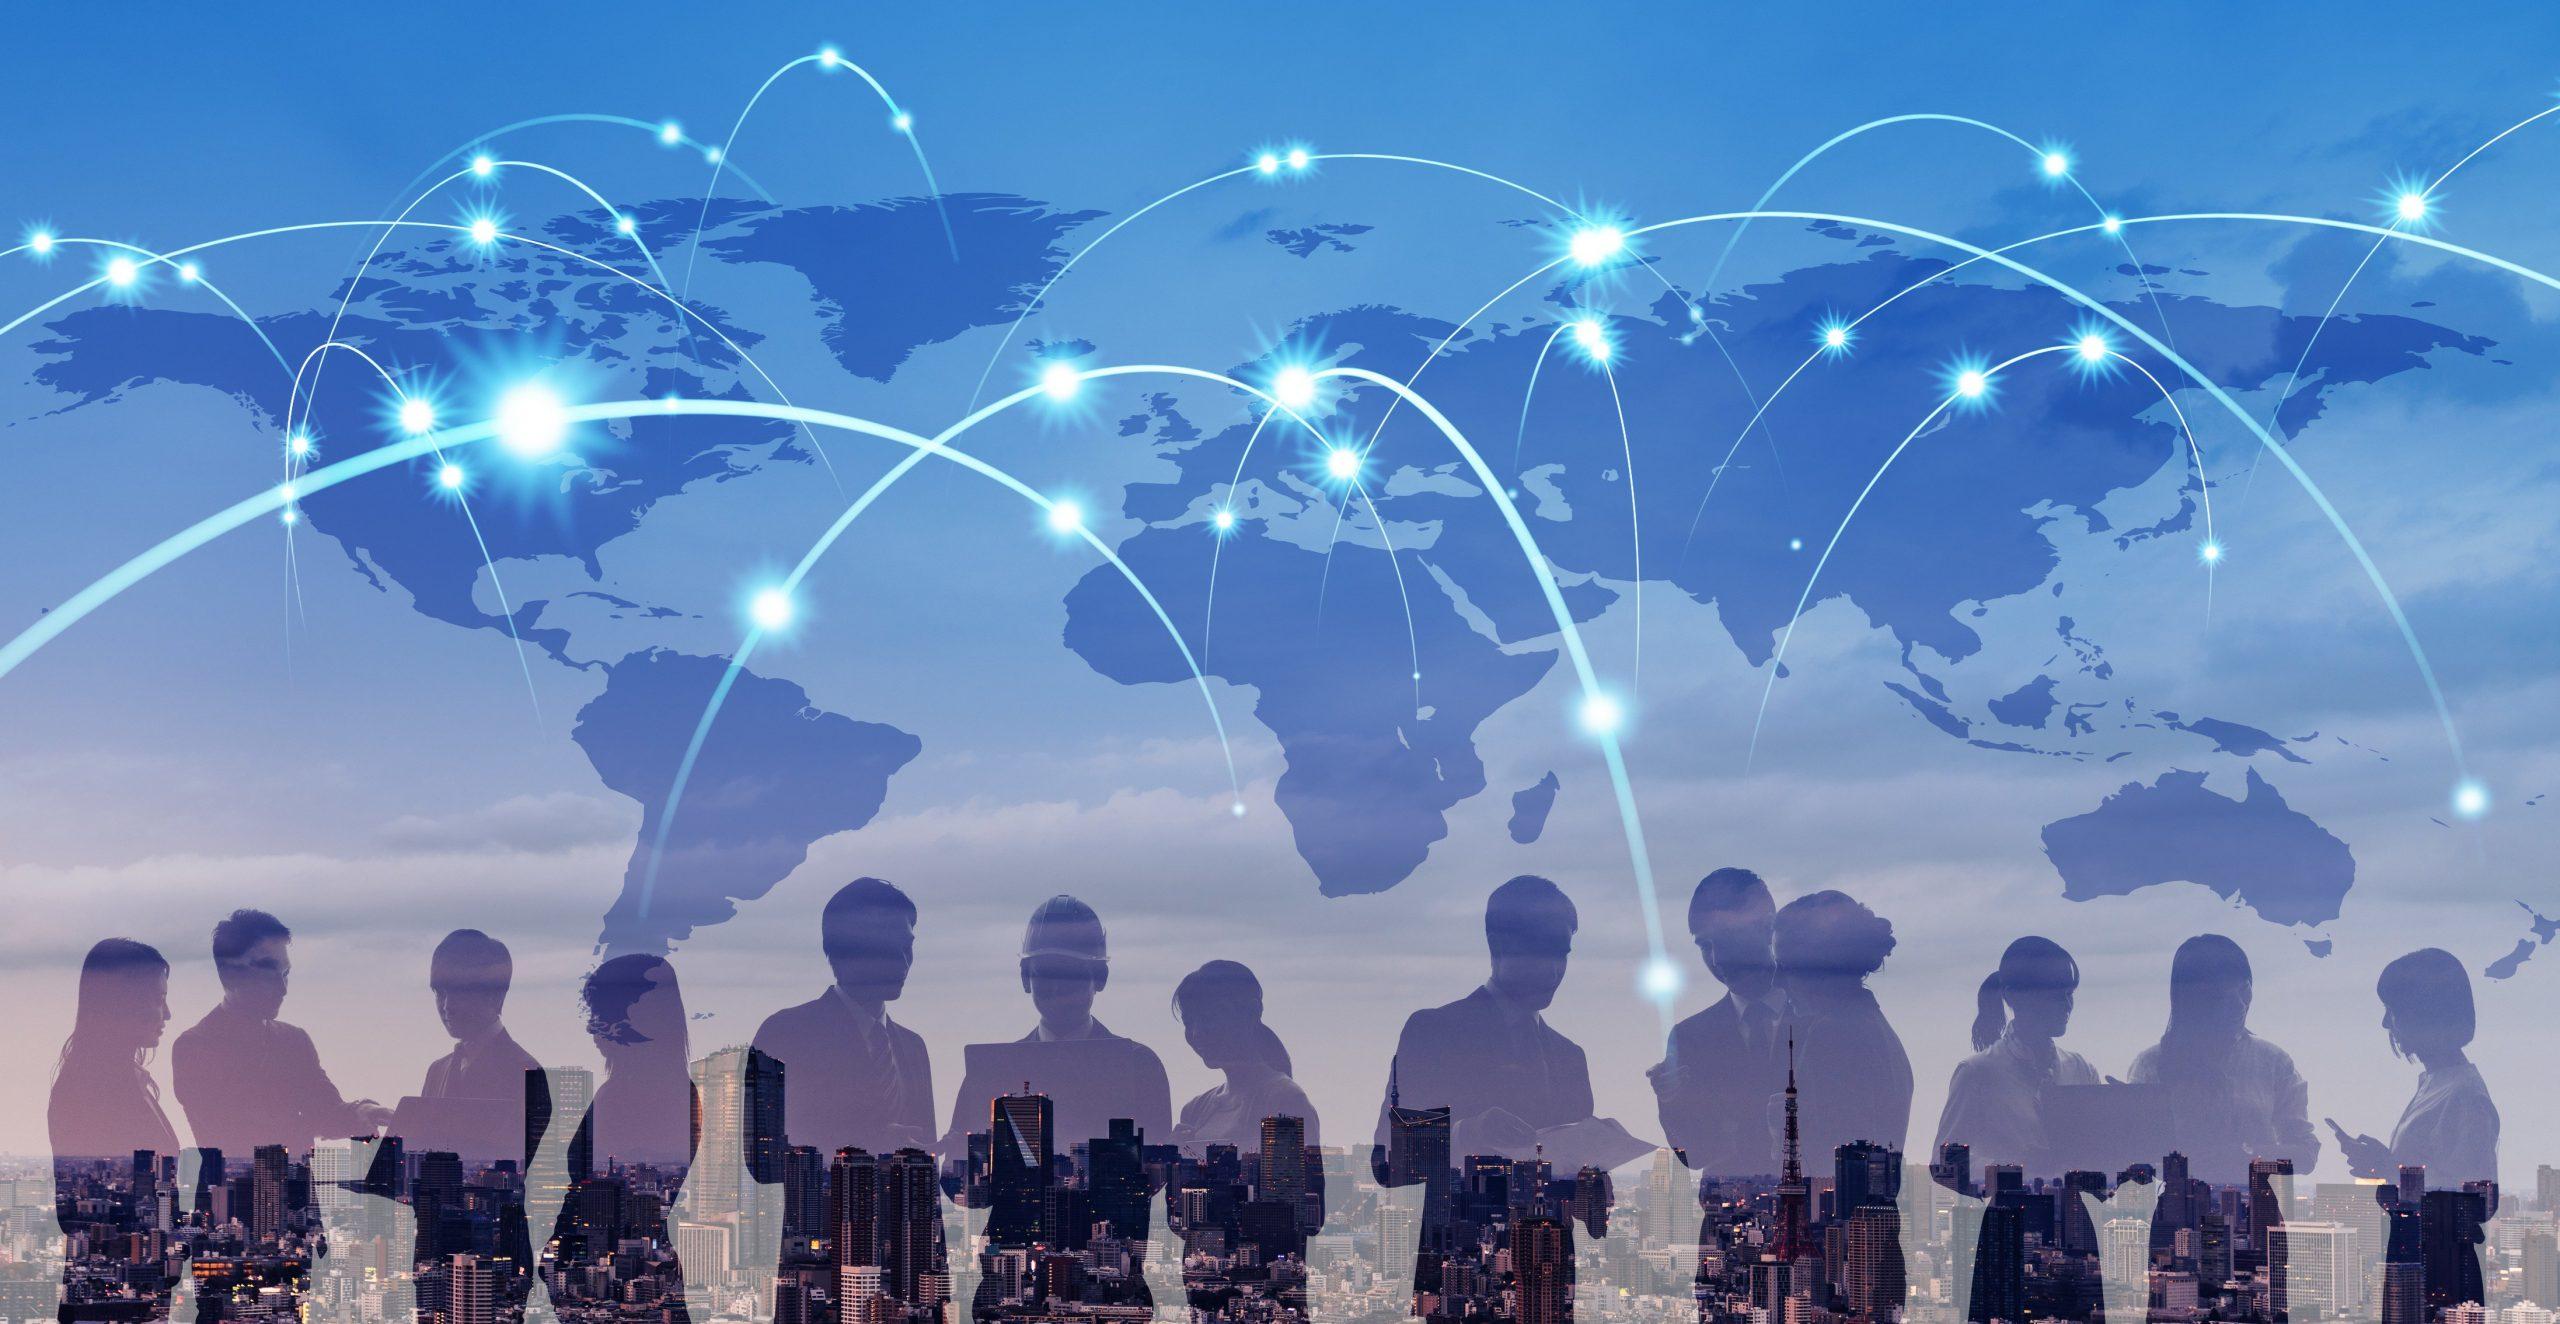 Ρεαλισμός, η απαισιοδοξία ως θεωρία των διεθνών σχέσεων